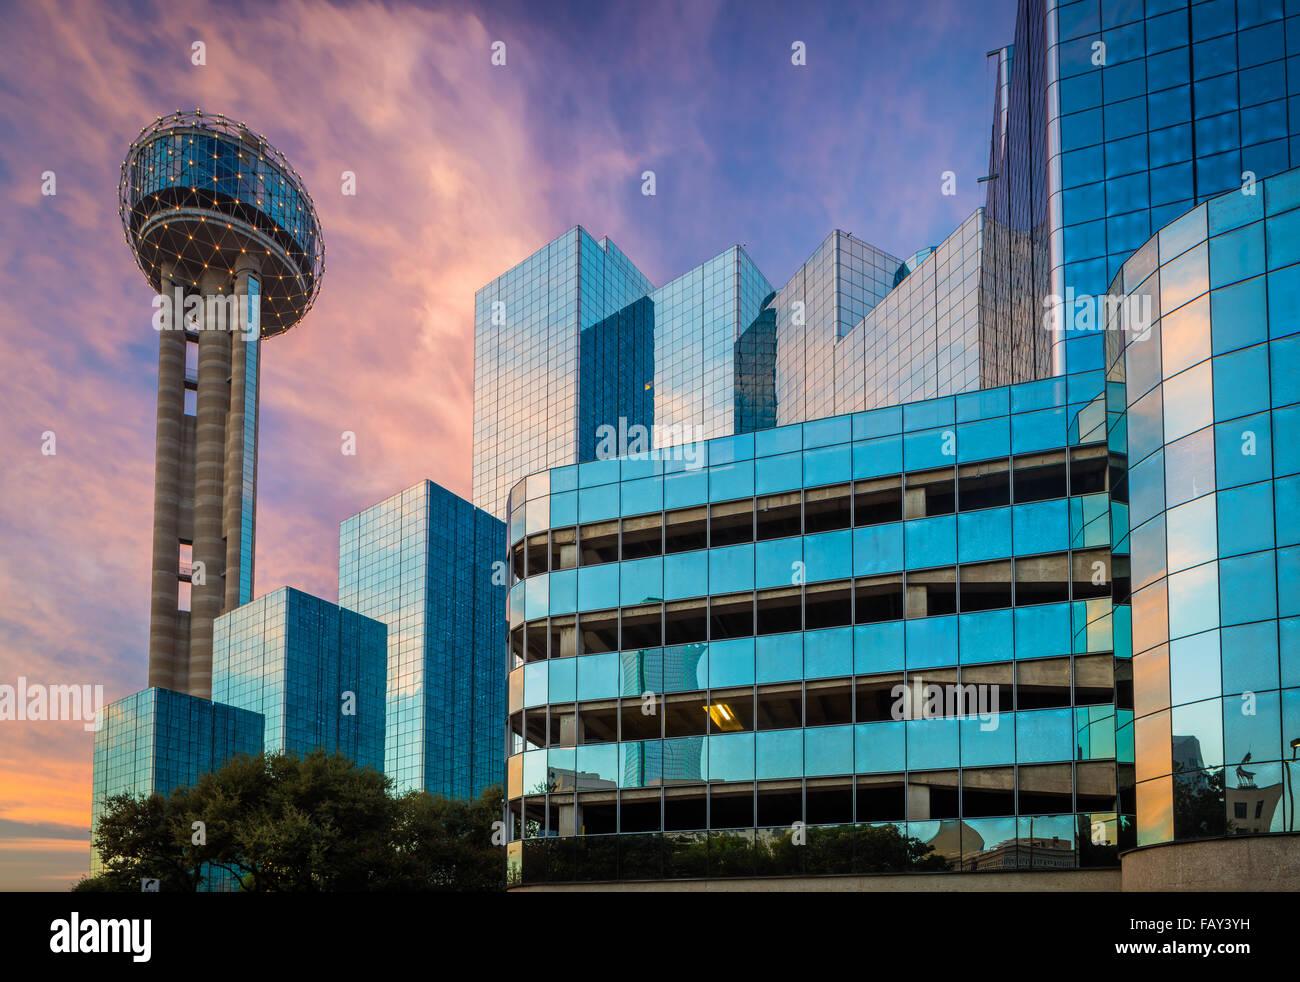 Reunion Turm ist ein Aussichtsturm 561 ft (171 m) und eines der bekanntesten Wahrzeichen in Dallas, Texas Stockbild